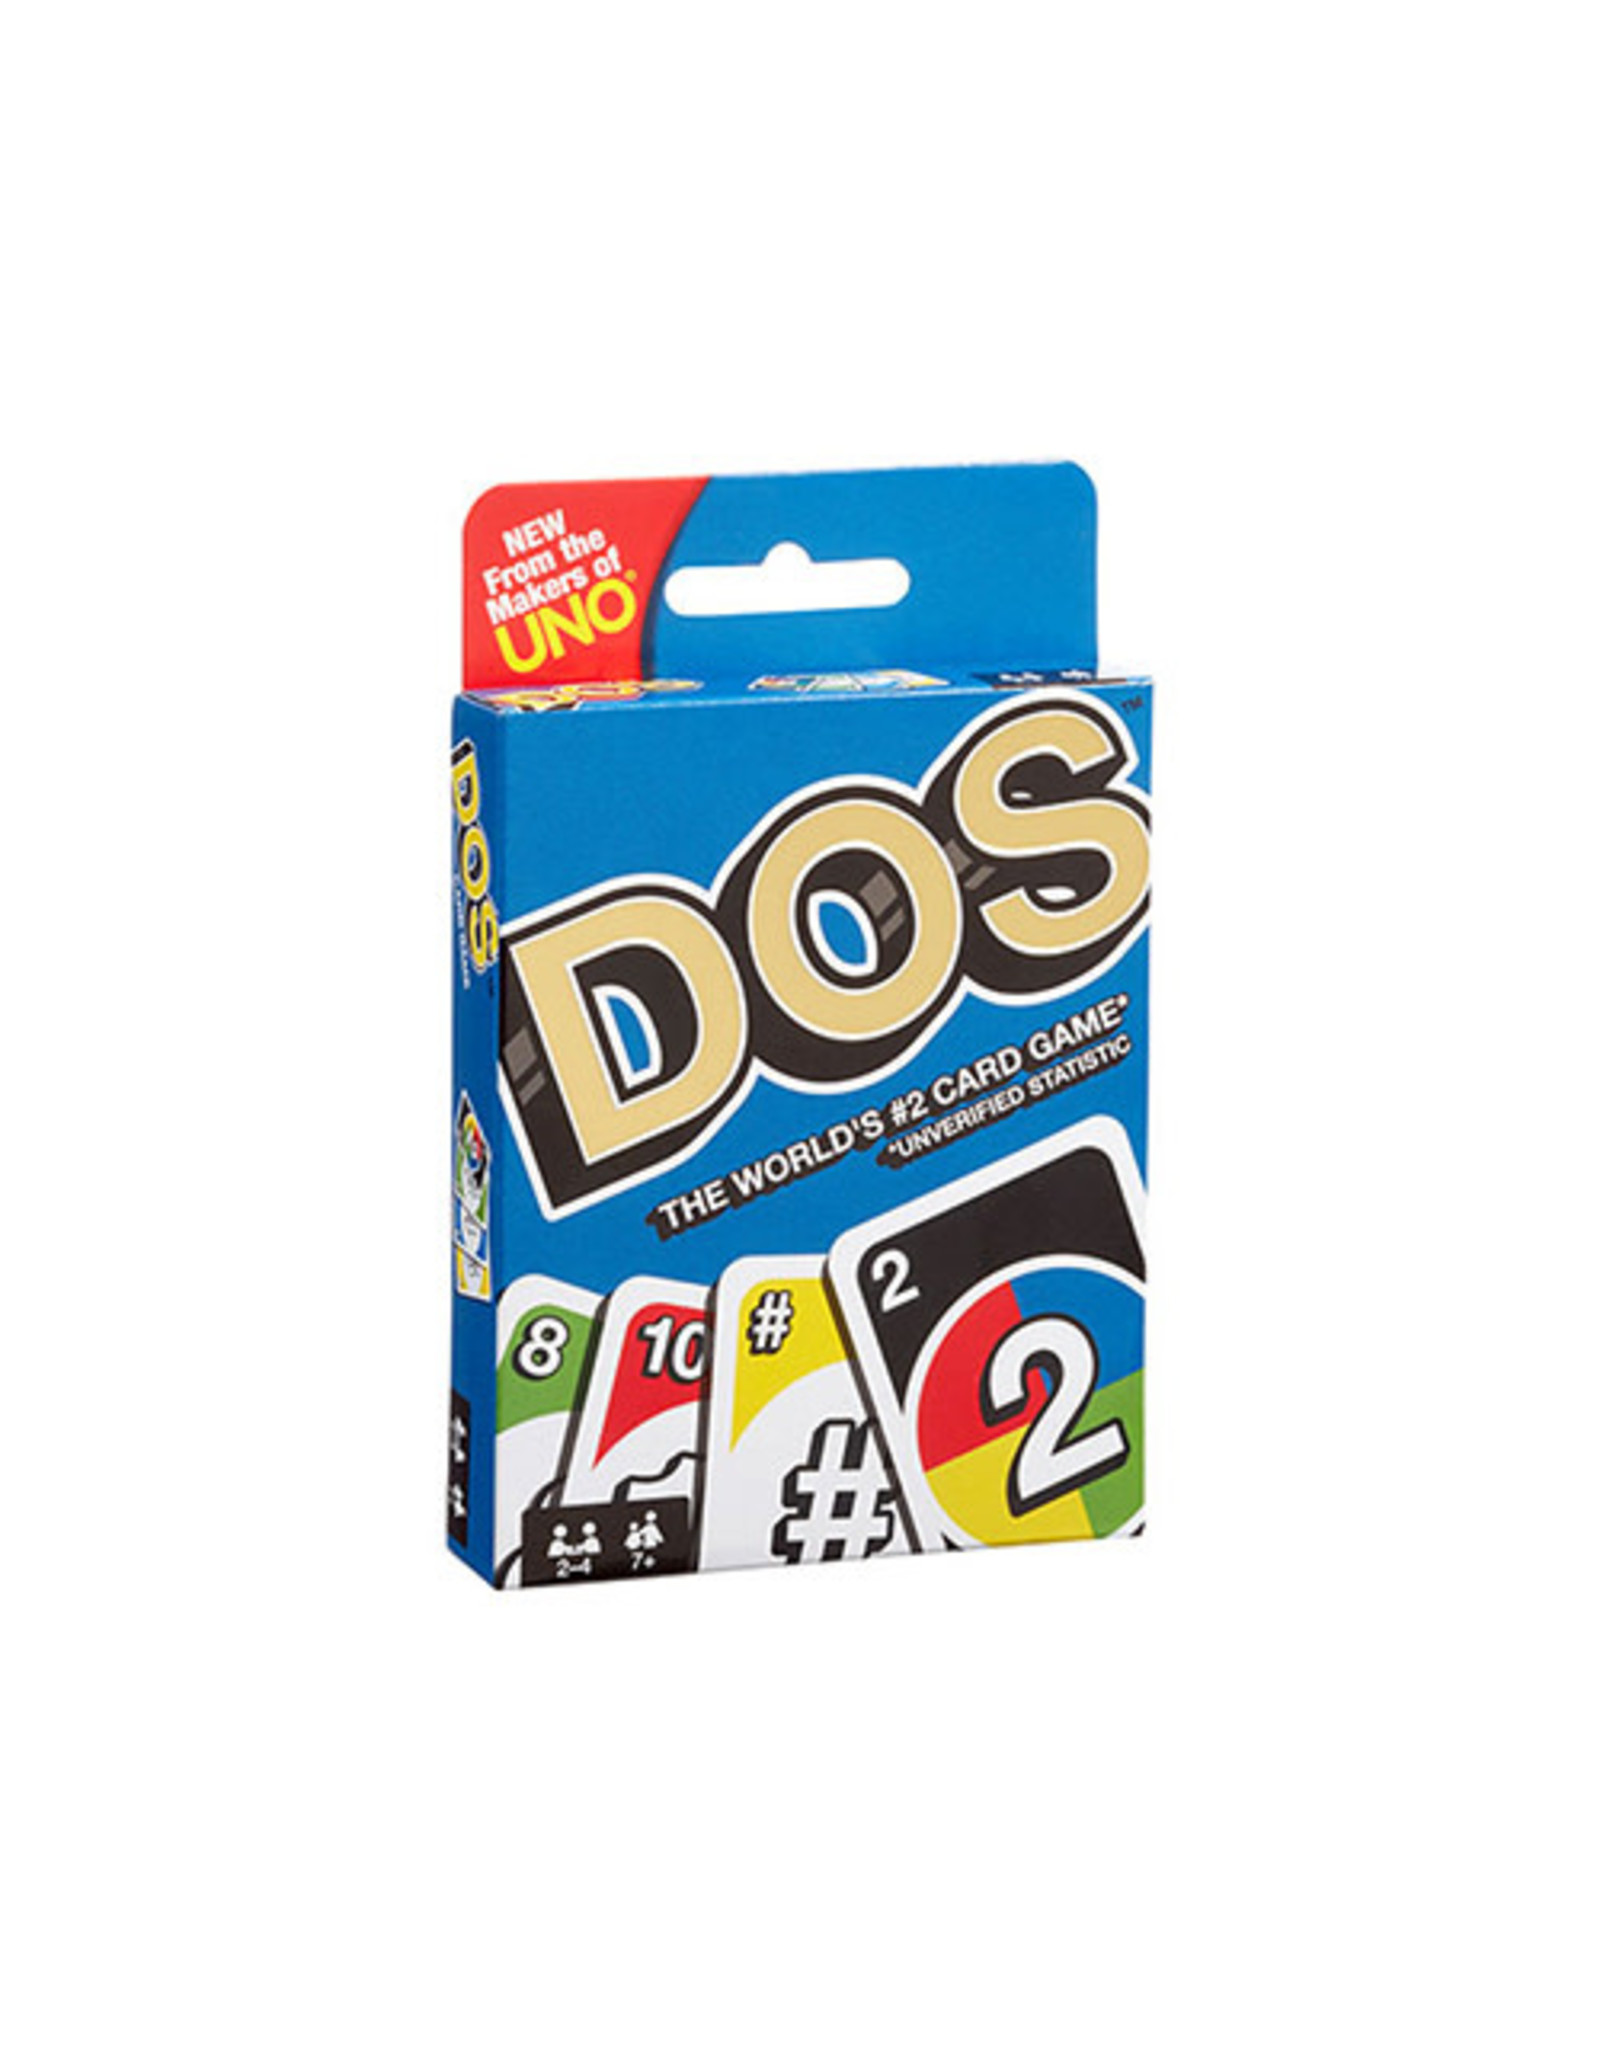 Mattel DOS Card Game